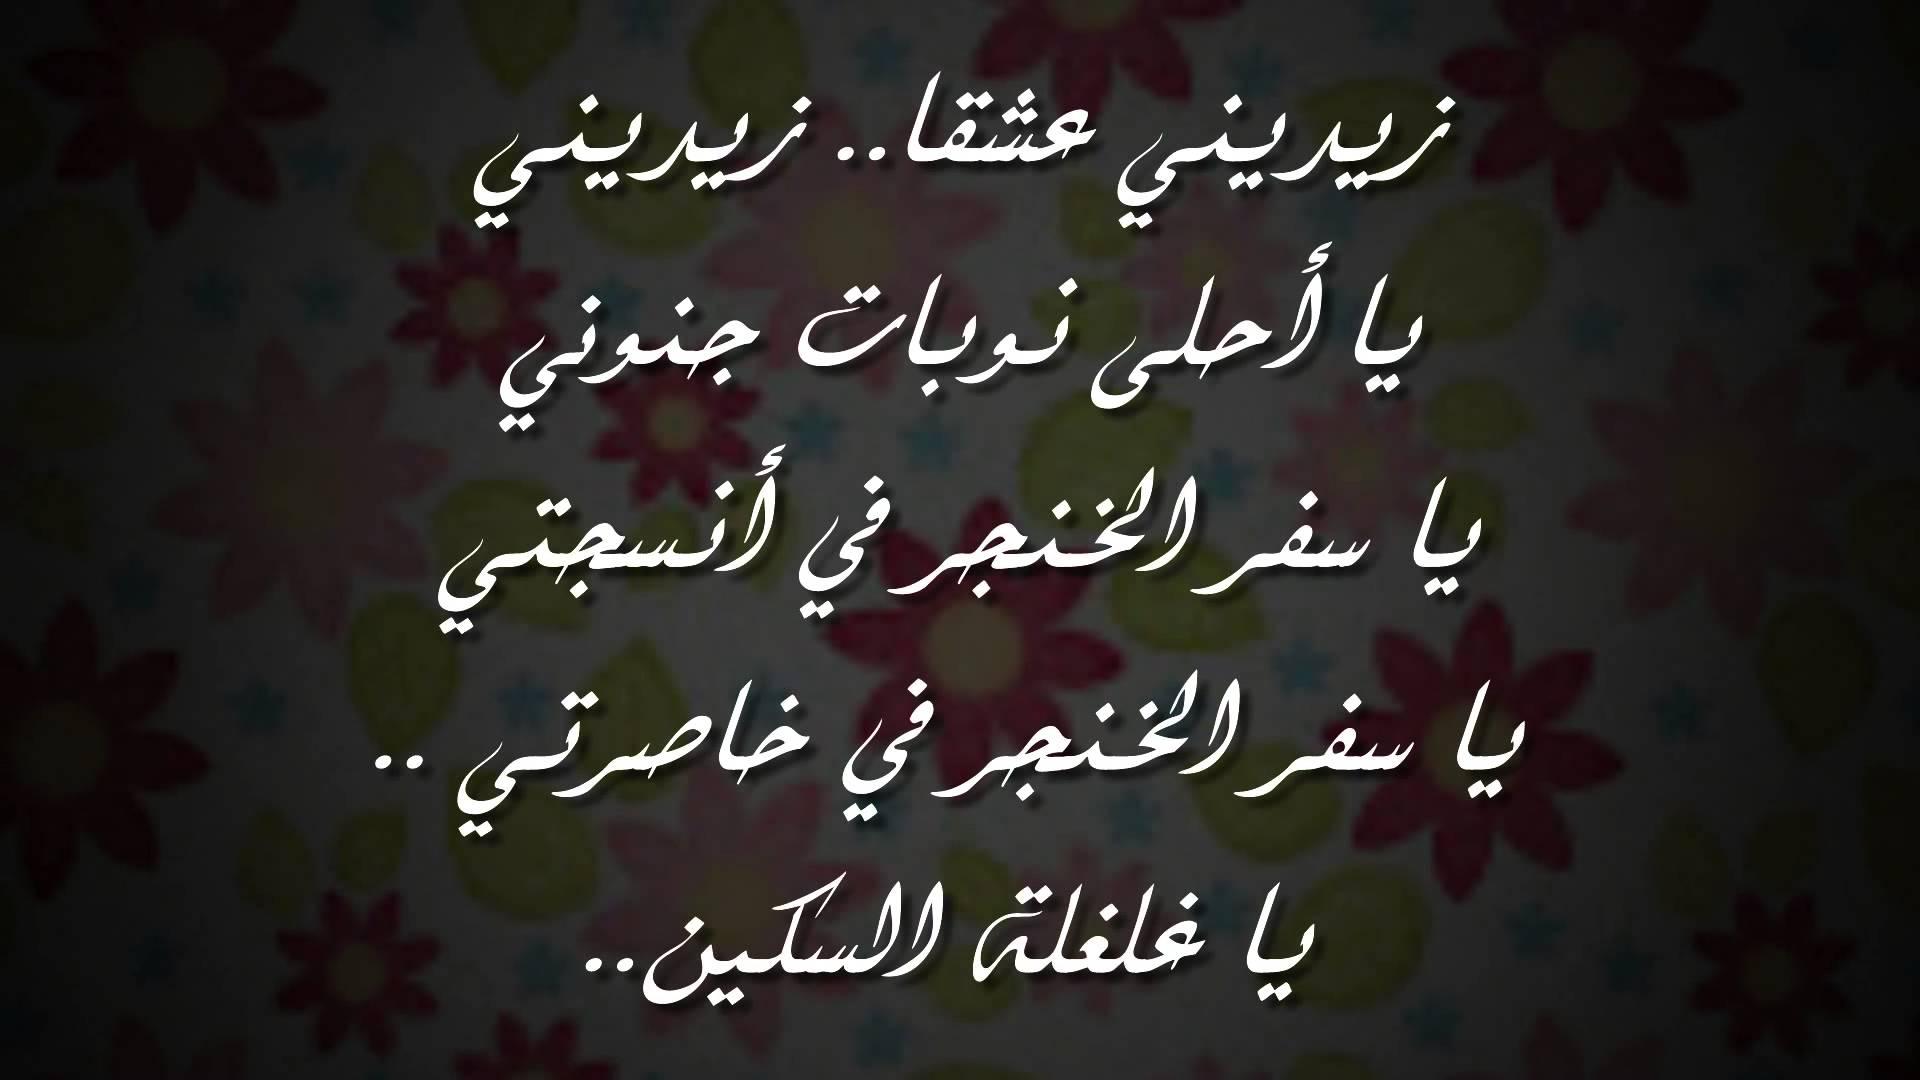 بالصور شعر نزار قباني , ابيات شعرية لنزار قباني 2275 7